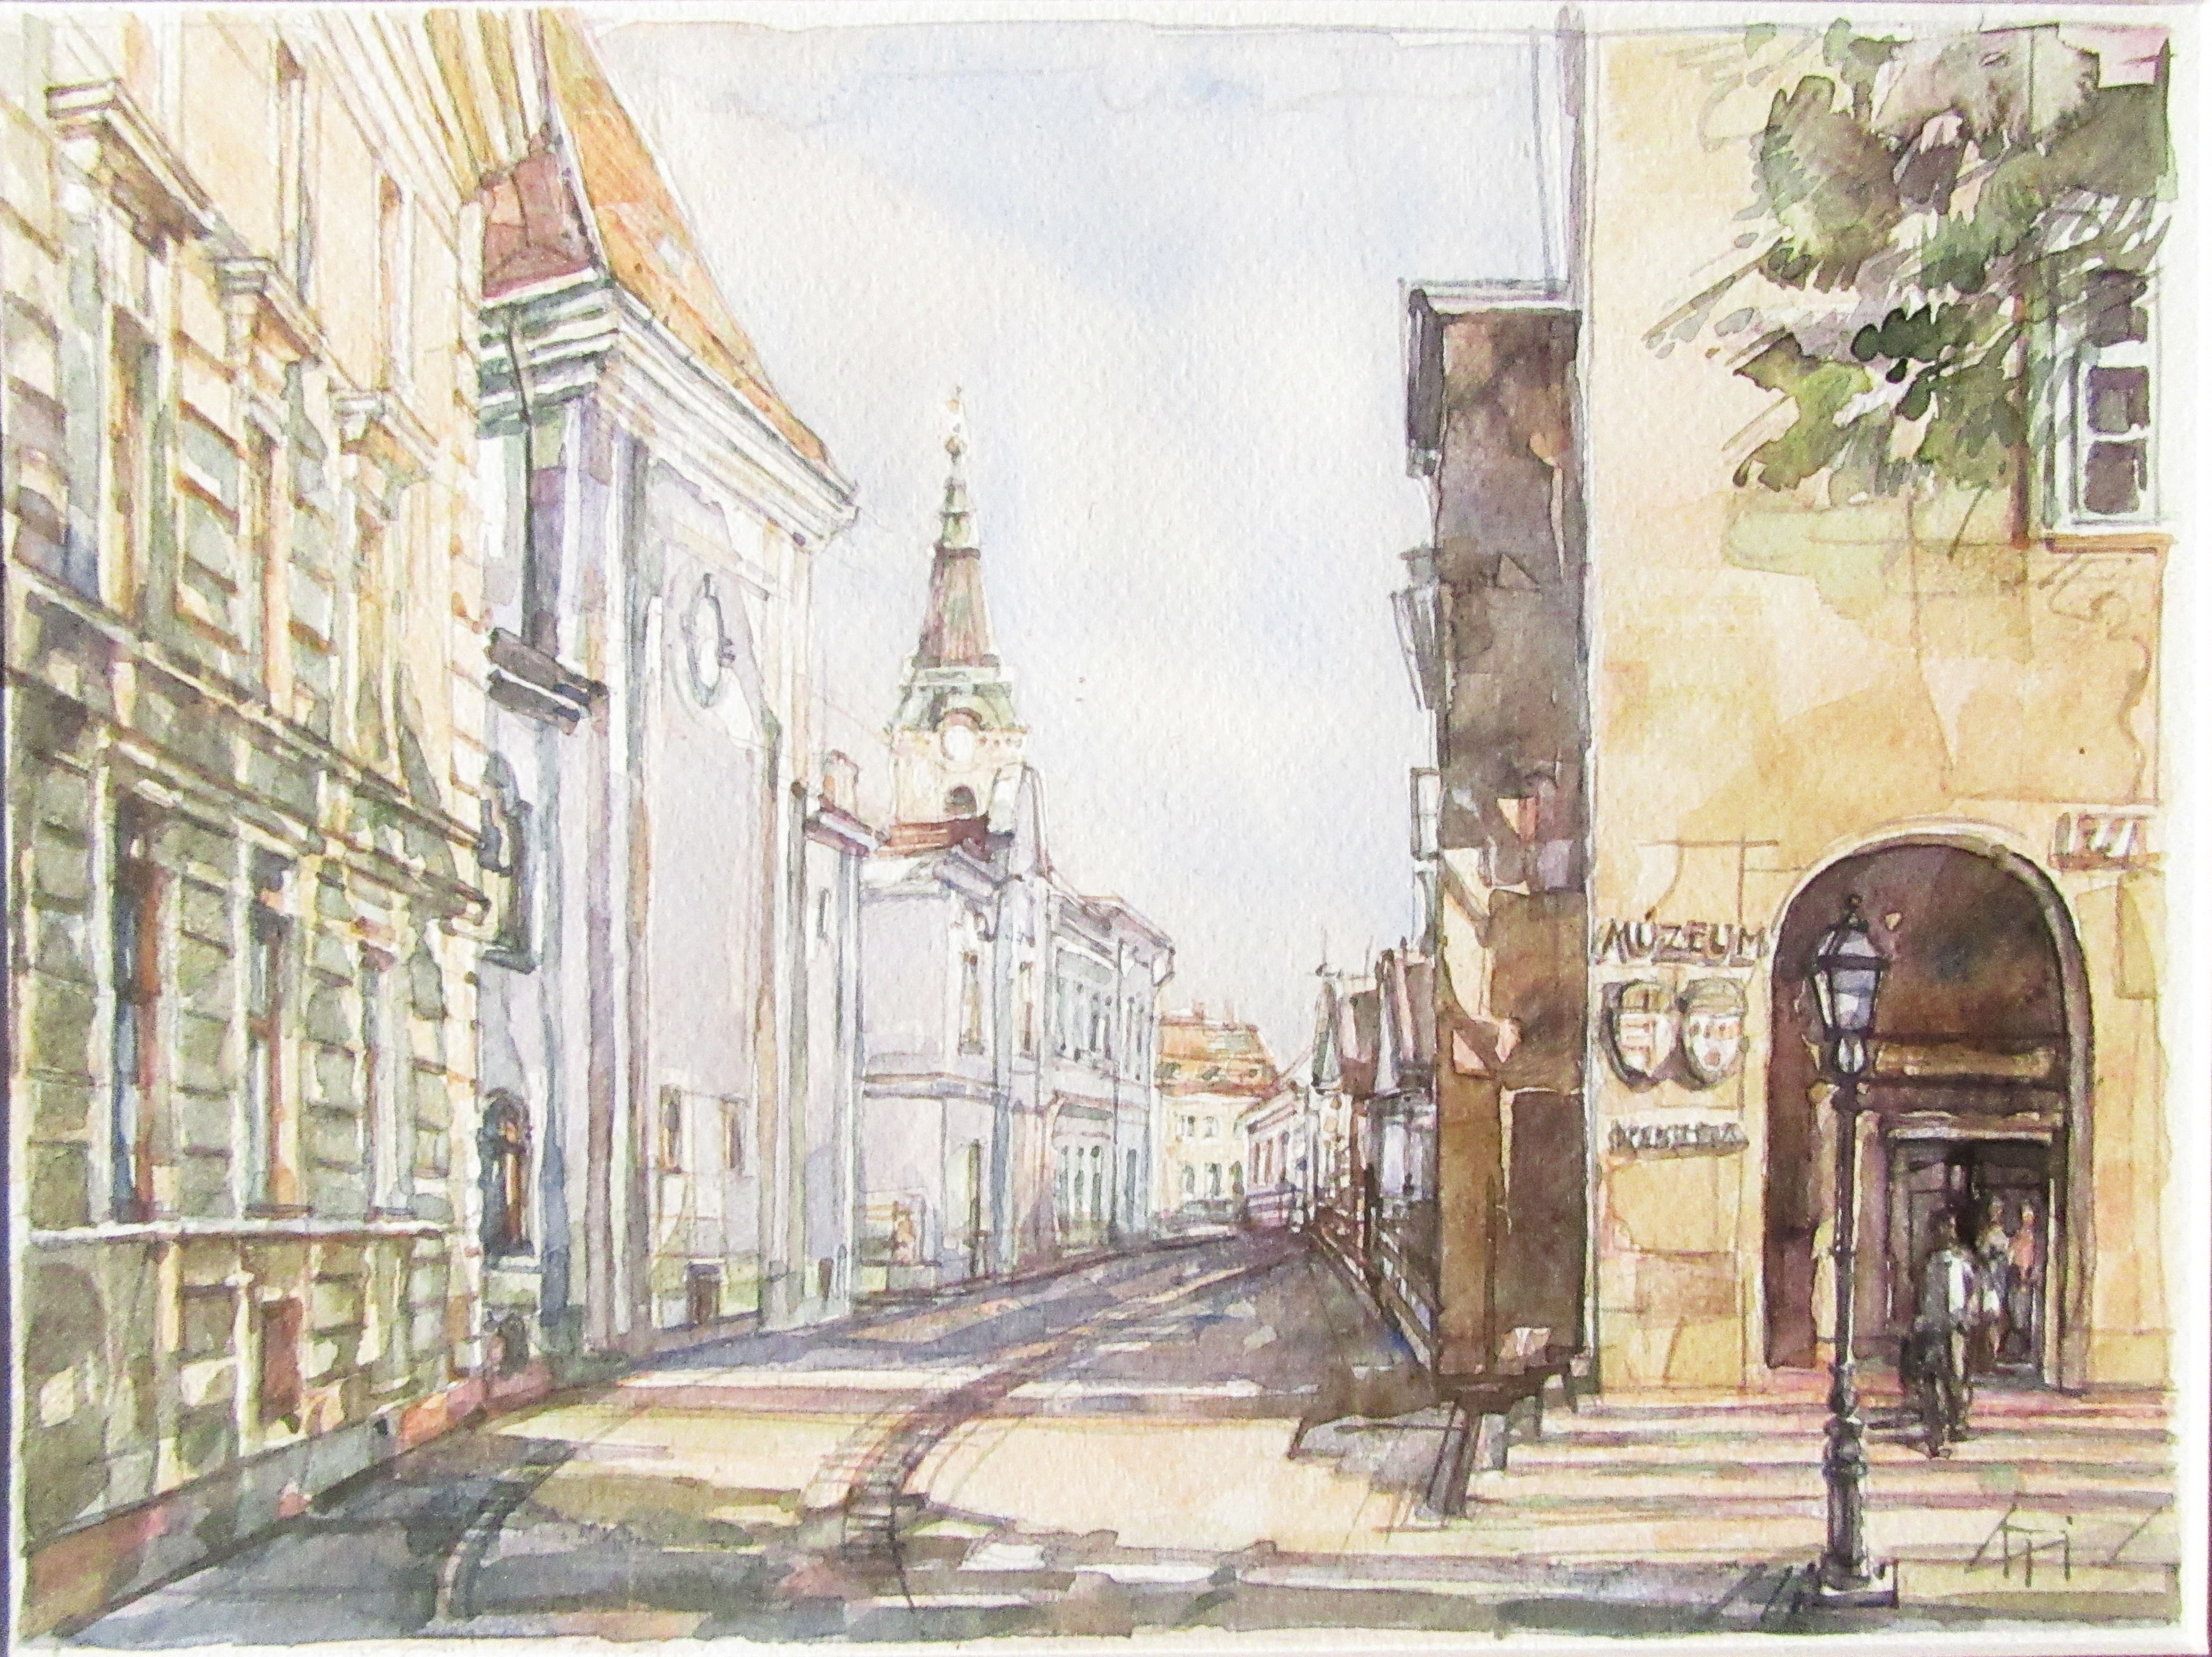 Mindjárt elérem - Városkép - akvarell